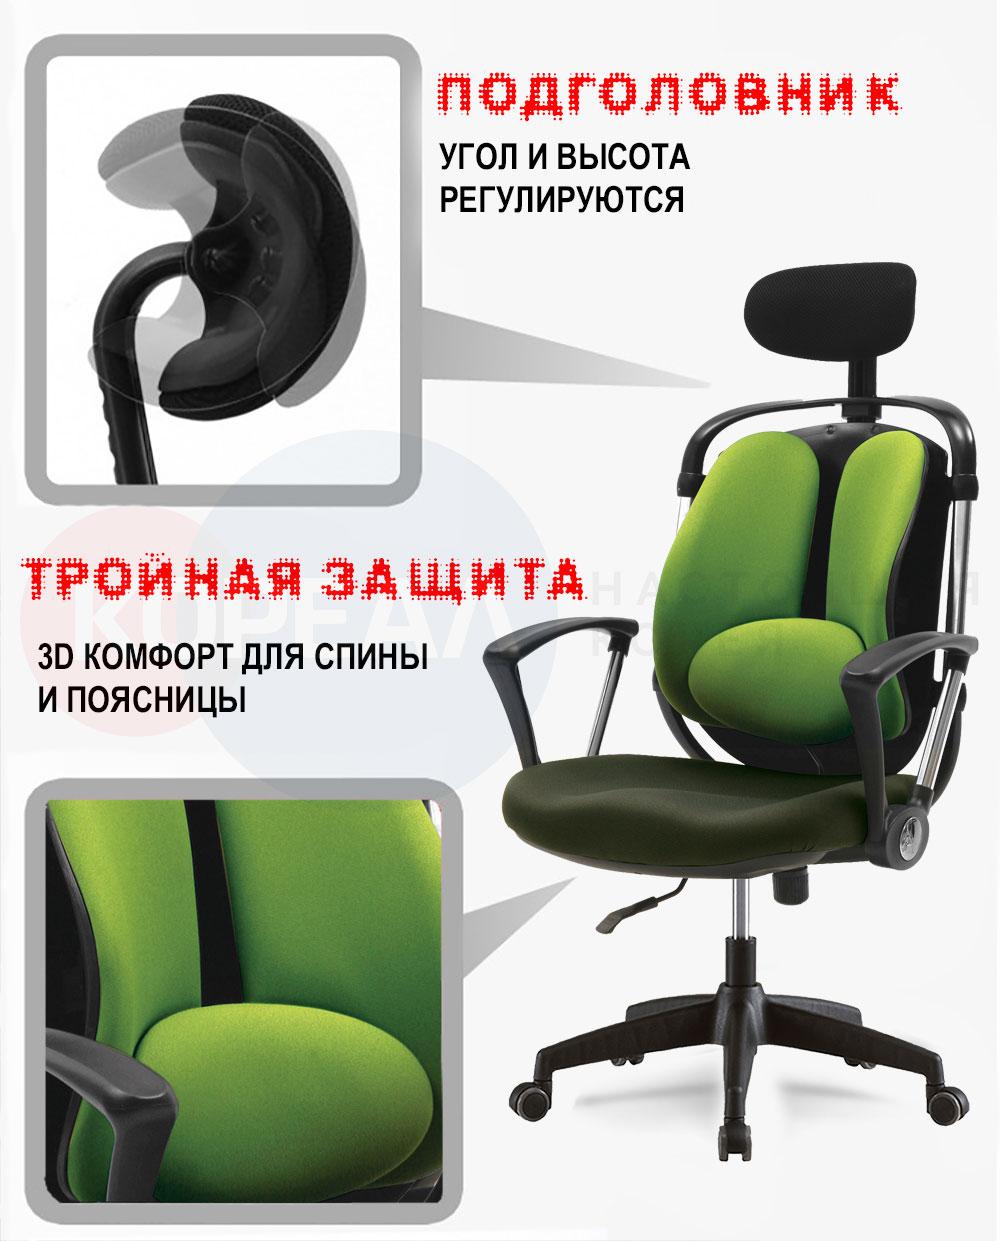 описание ортопедического кресла